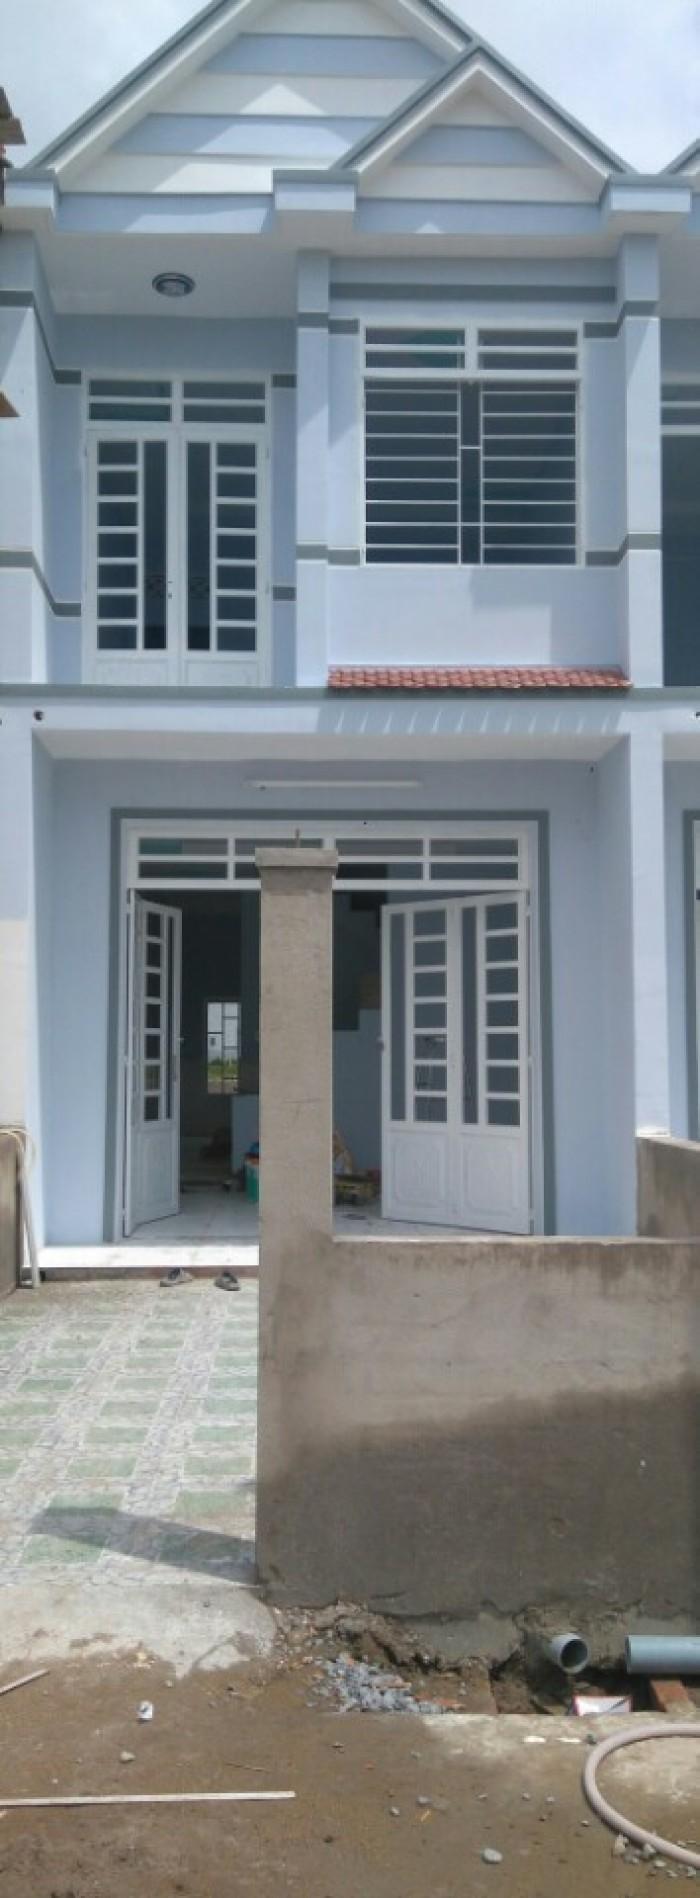 Bán nhà ngay Ngã 3 Tân Kim DT 4x15m sổ hồng riêng 1 trệt 1 lầu